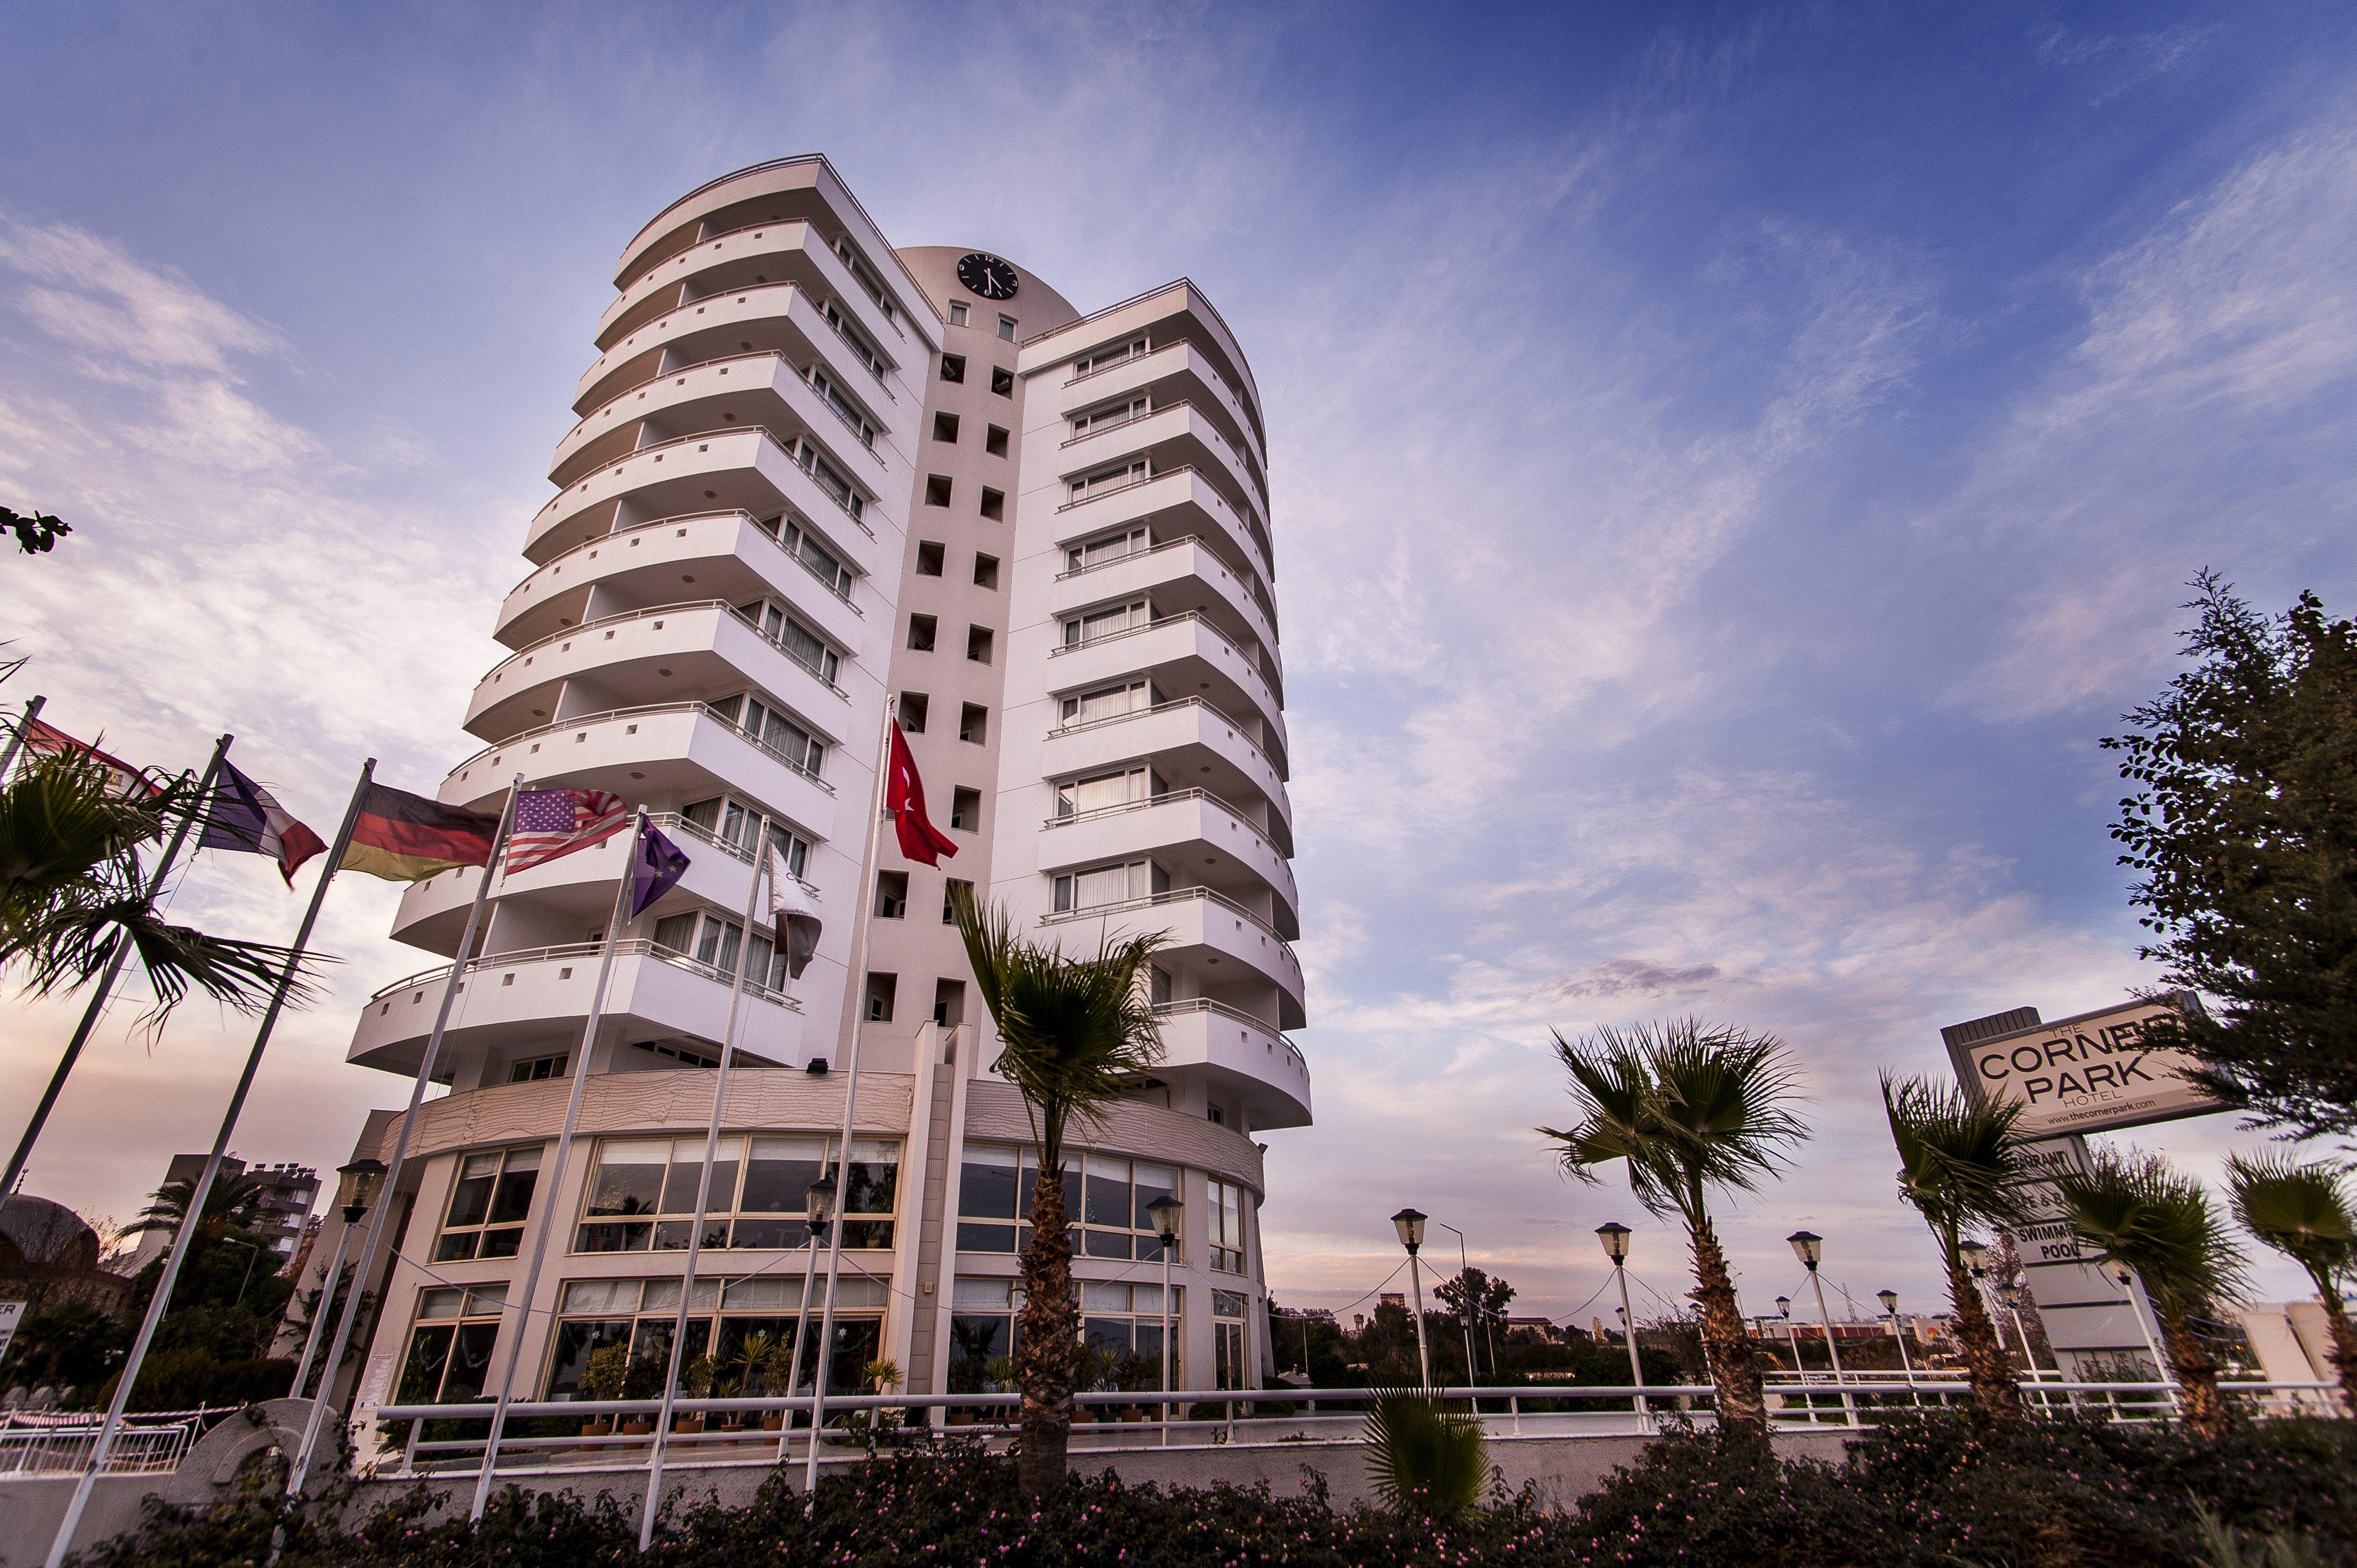 The Corner Park hotel - Turkey - Antalya